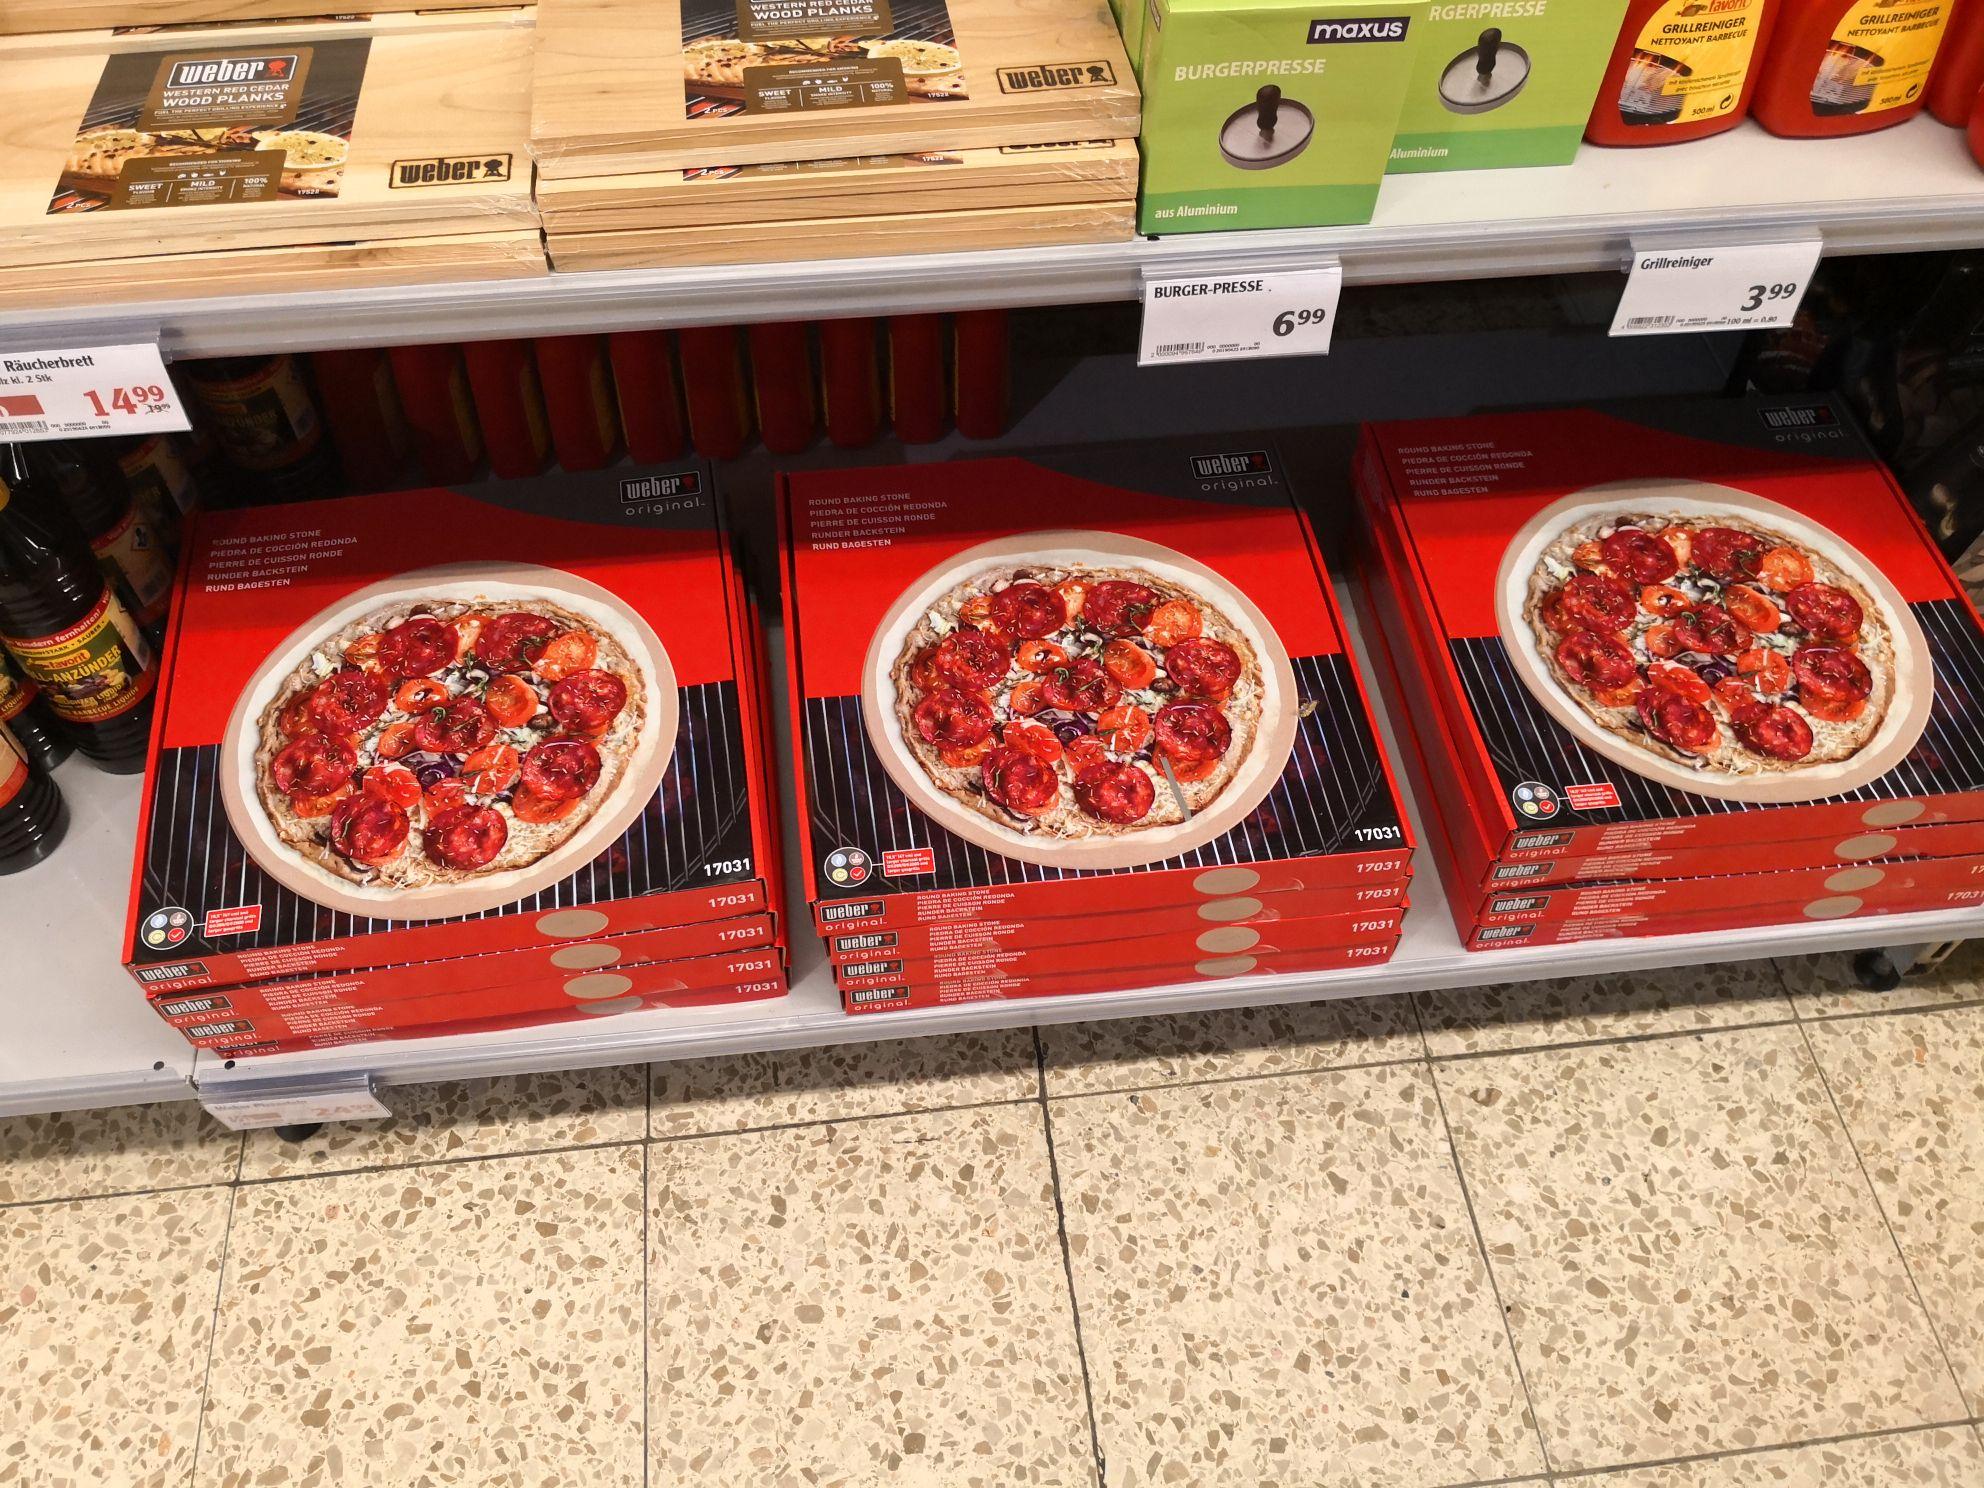 (Lokal) Weber 17031 Pizzastein Globus Dutenhofen